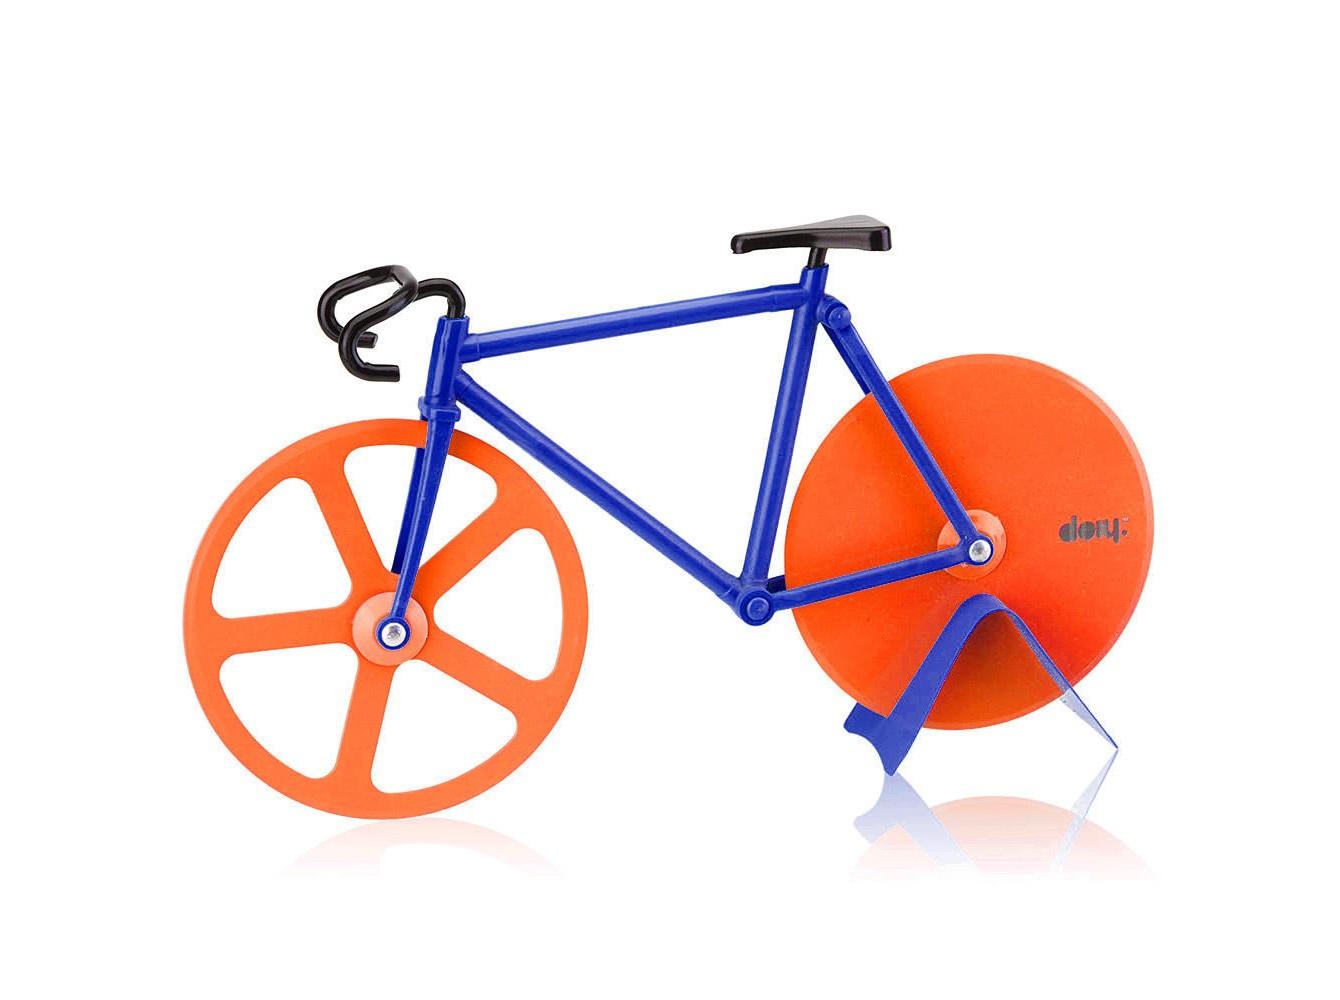 Нож для пиццы FixieНожи<br>Велосипеды становятся всё популярнее и их всё чаще можно встретить вокруг. В том числе и в вашей пицце! Забавный нож с двойными лезвиями на месте колес поможет отрезать ровные куски, которые легко отделятся друг от друга. Так что теперь можете намекать друзьям &amp;quot;Пойдем кататься на велосипеде&amp;quot;, имея ввиду, конечно же, вечер с поеданием вкусной пиццы. Ммм!<br><br>Material: Металл